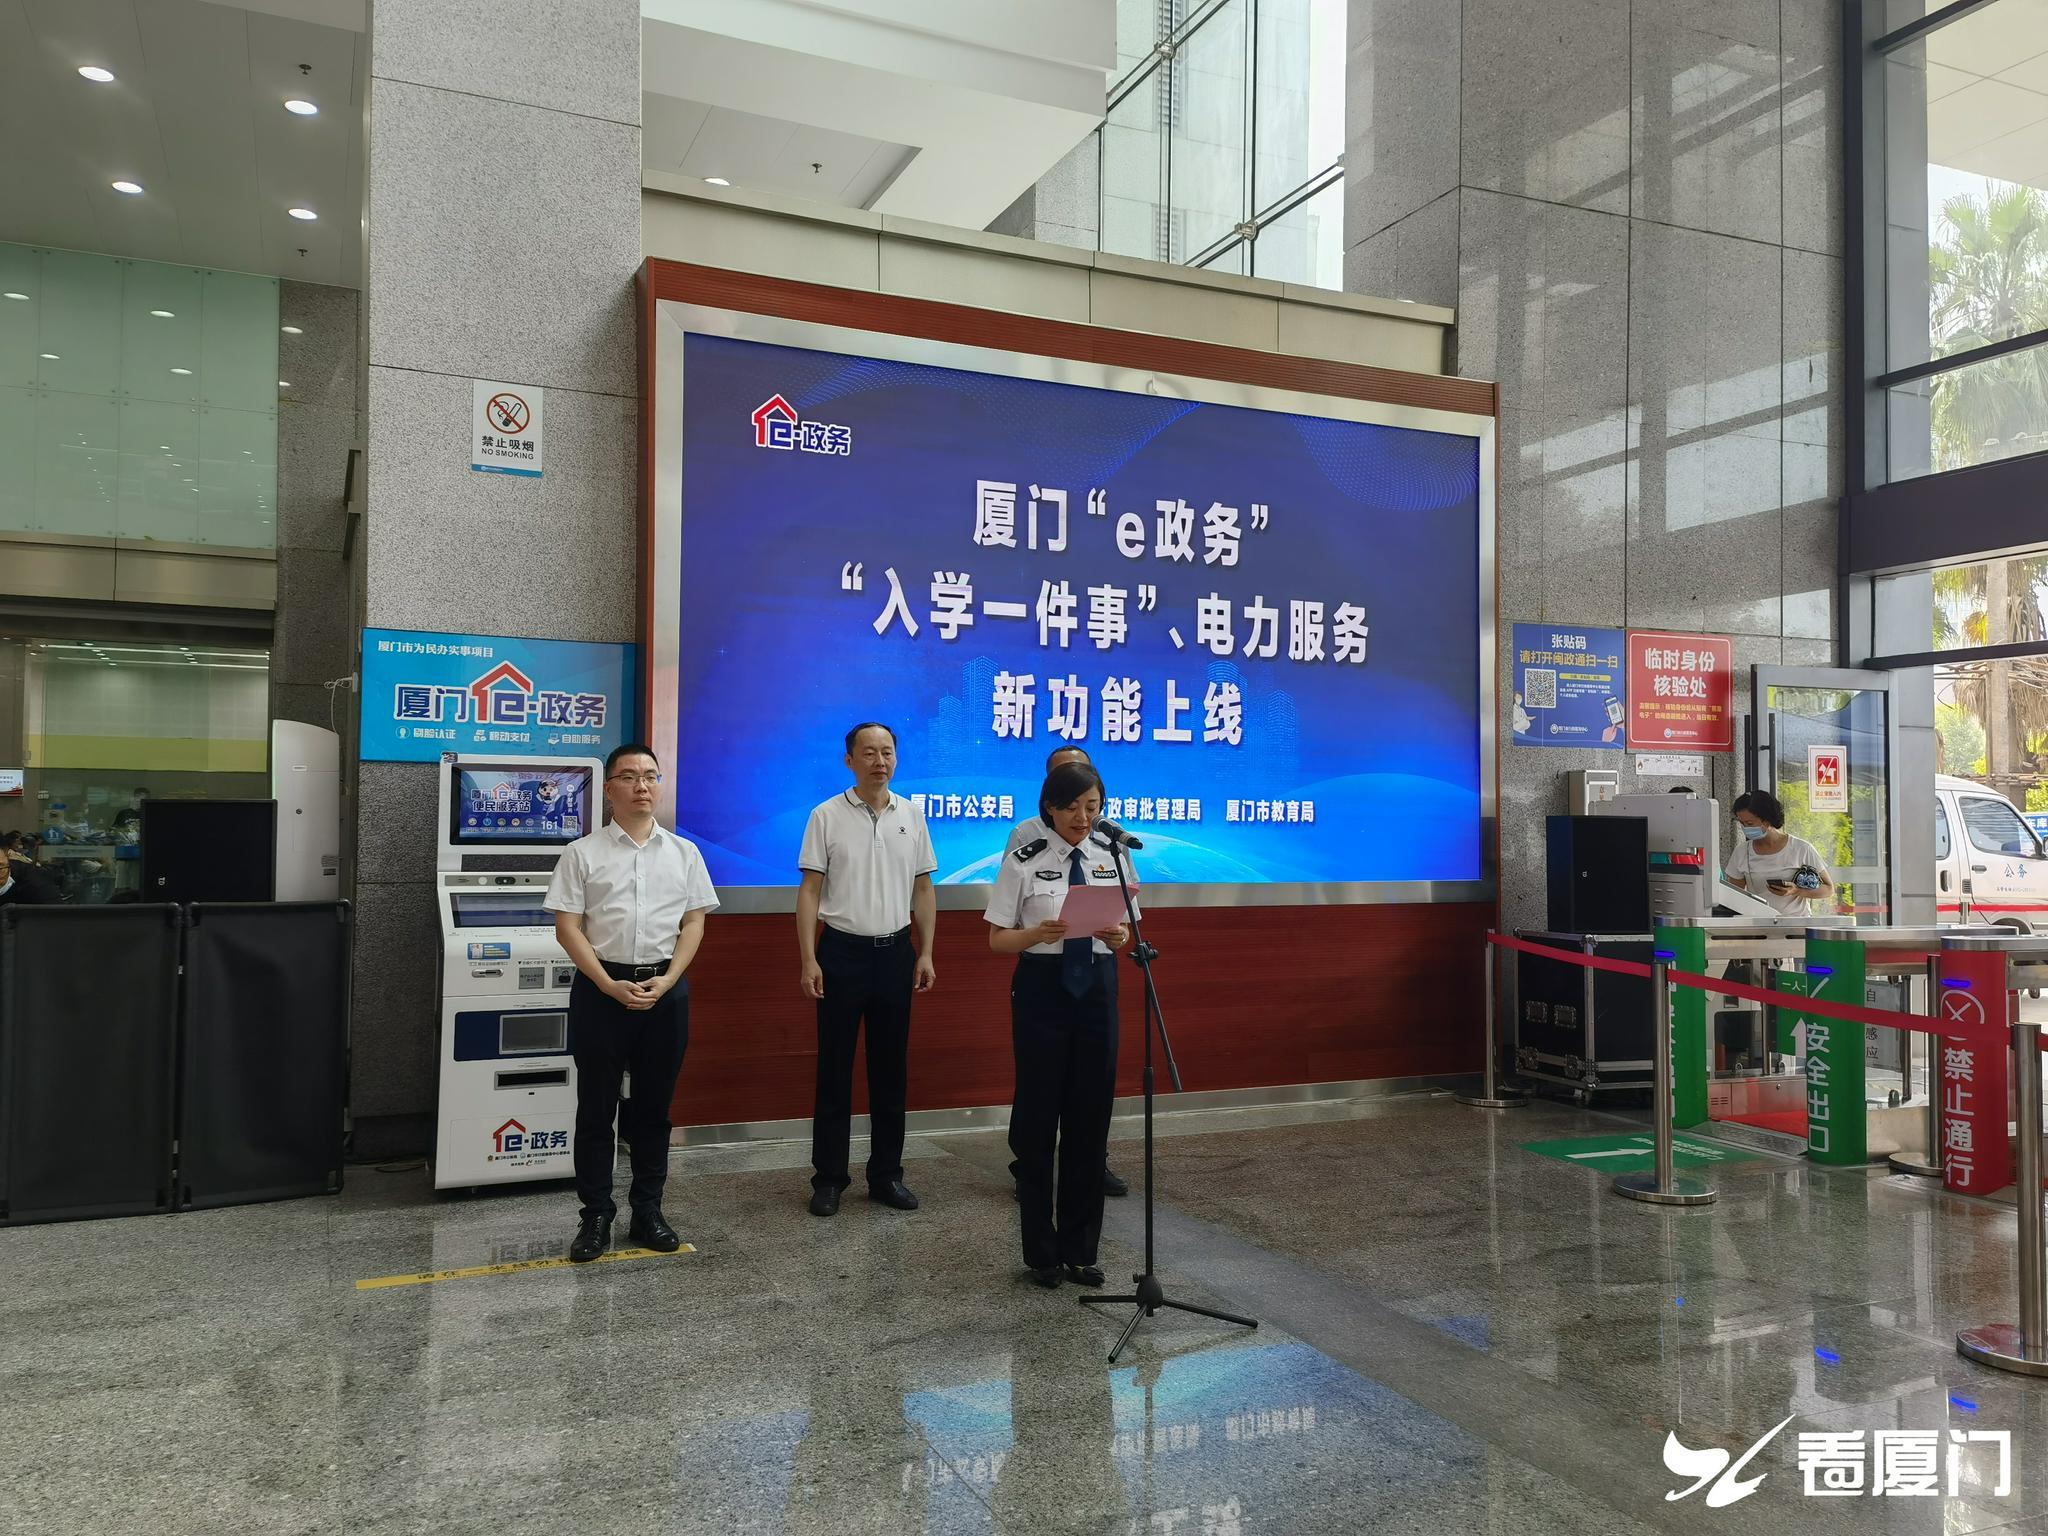 """厦门e政务推出新功能 """"入学一件事""""、电力服务上线"""